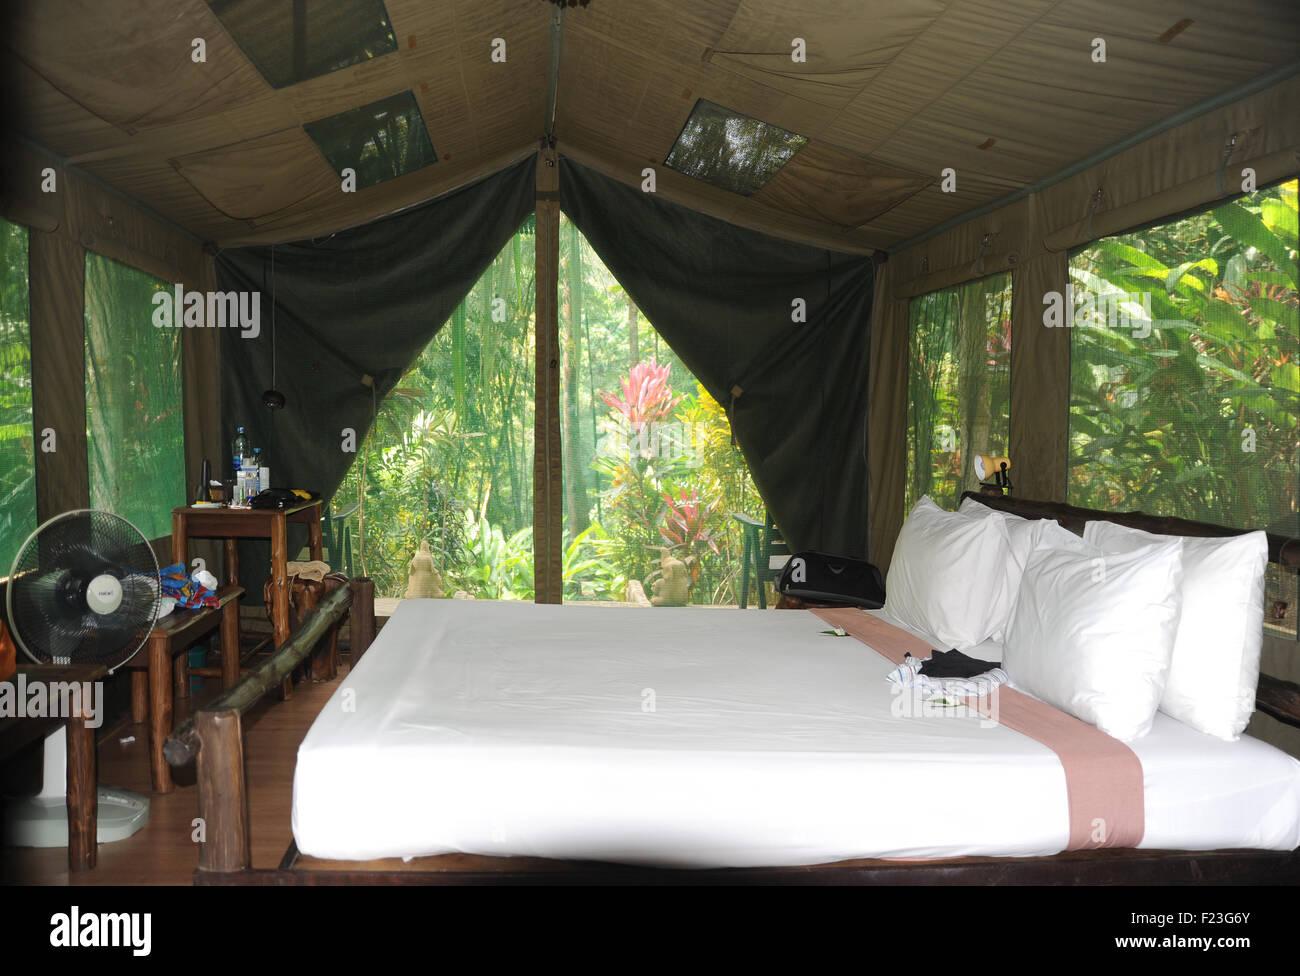 Luxury tented accommodation, Elephant Hills, Khao Sok National Park, Thailand - Stock Image